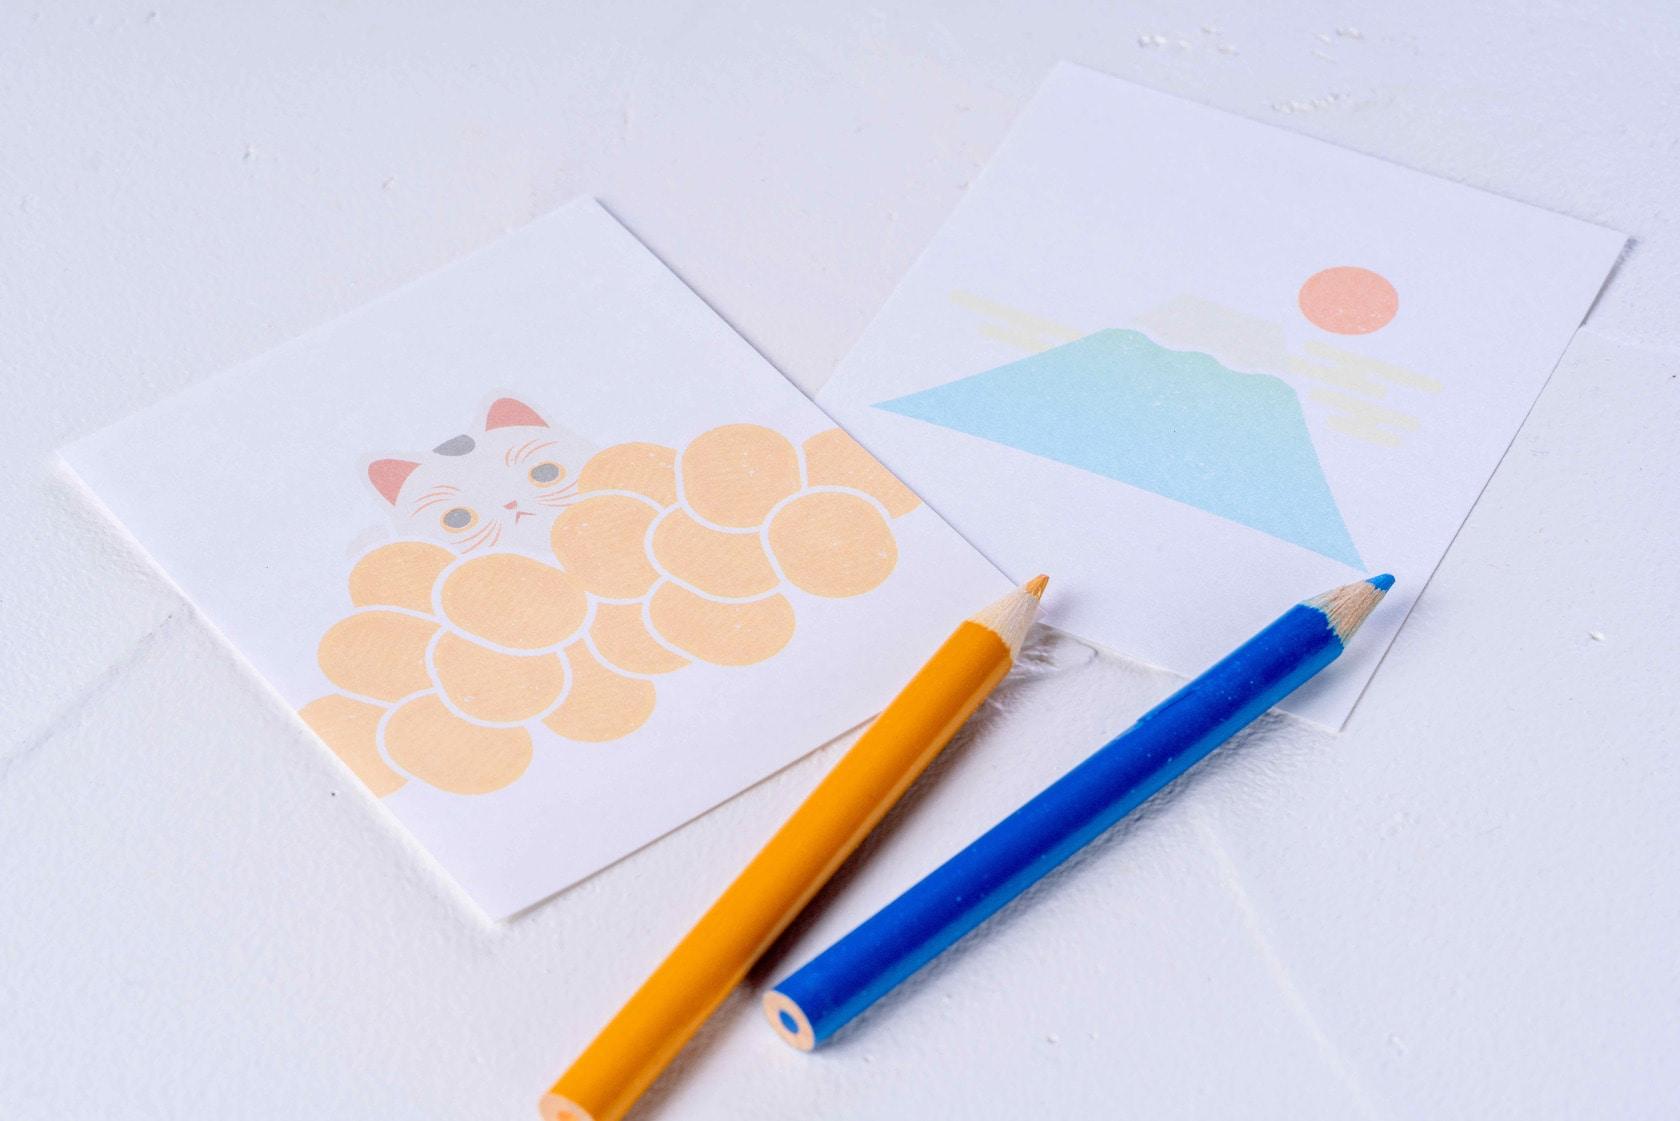 招き猫と富士山がデザインされたモリタのメモ用紙と青と橙の色鉛筆